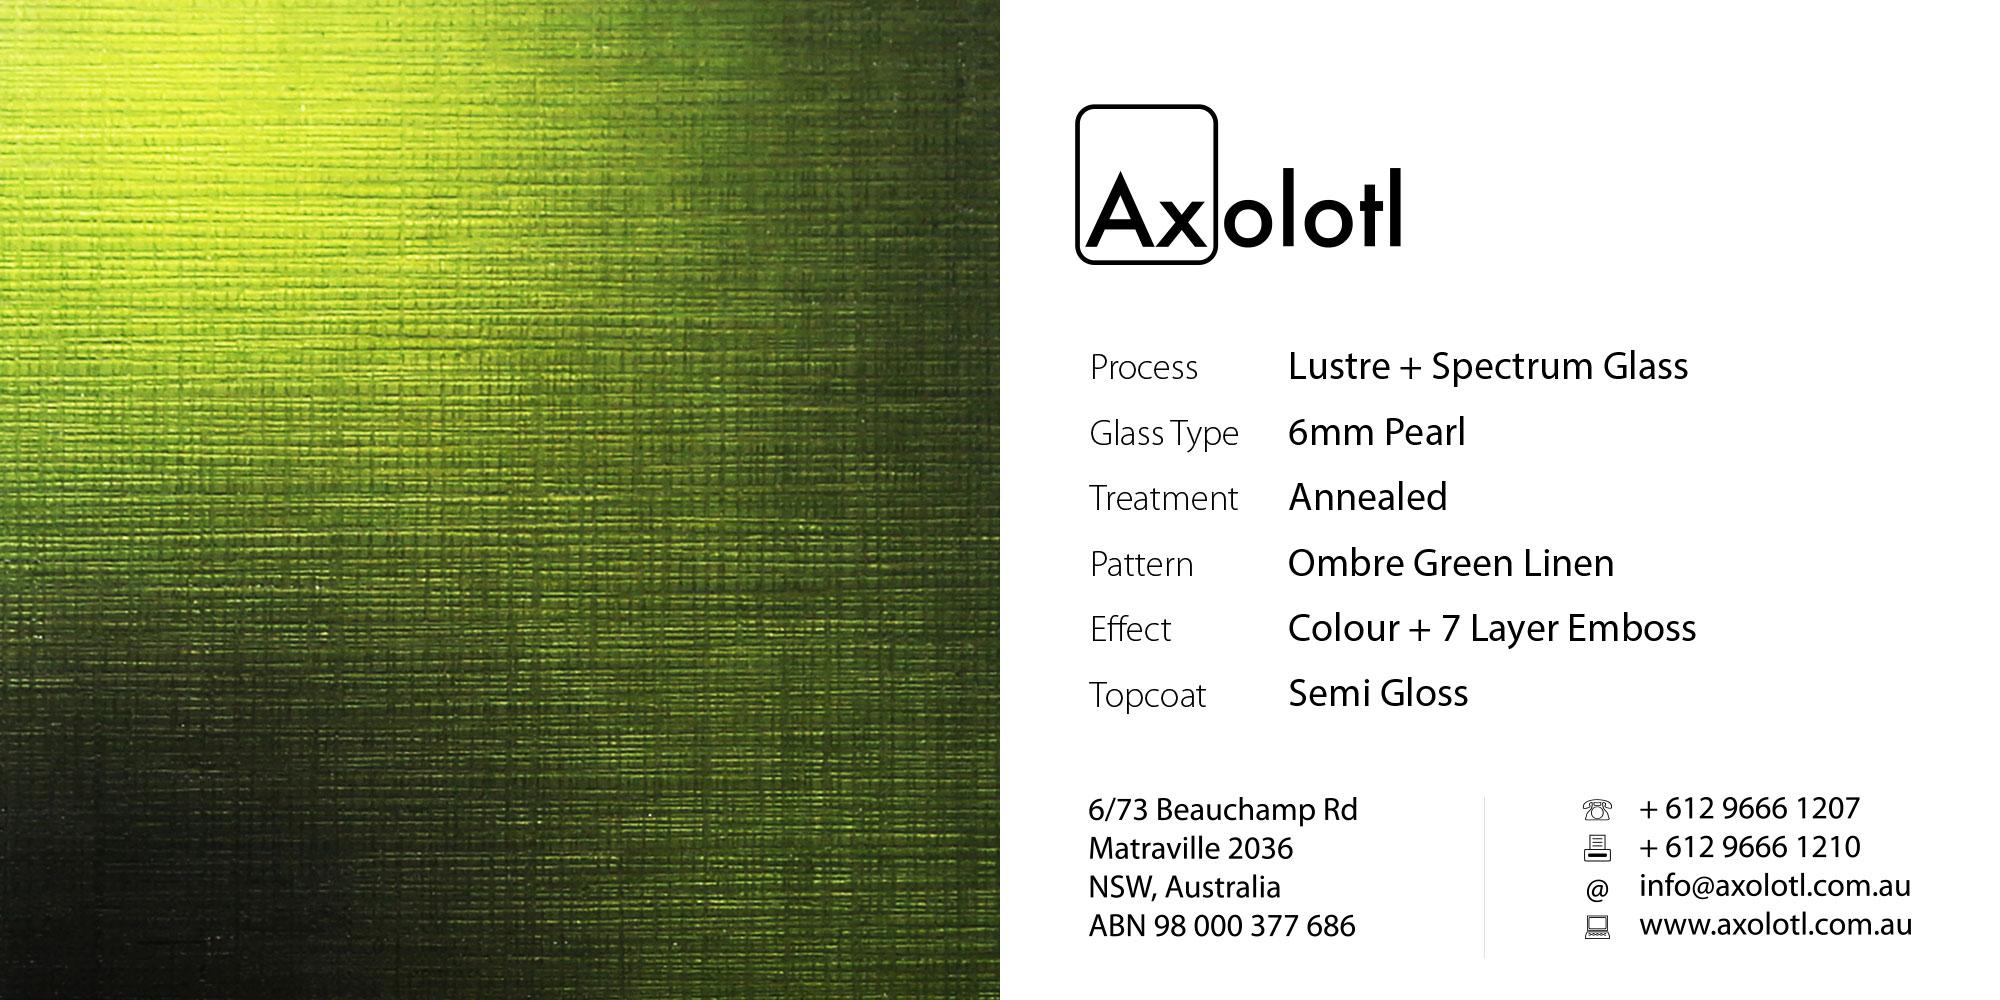 Axolotl_LustreSpectrum_GreenOmbreLinen.jpg